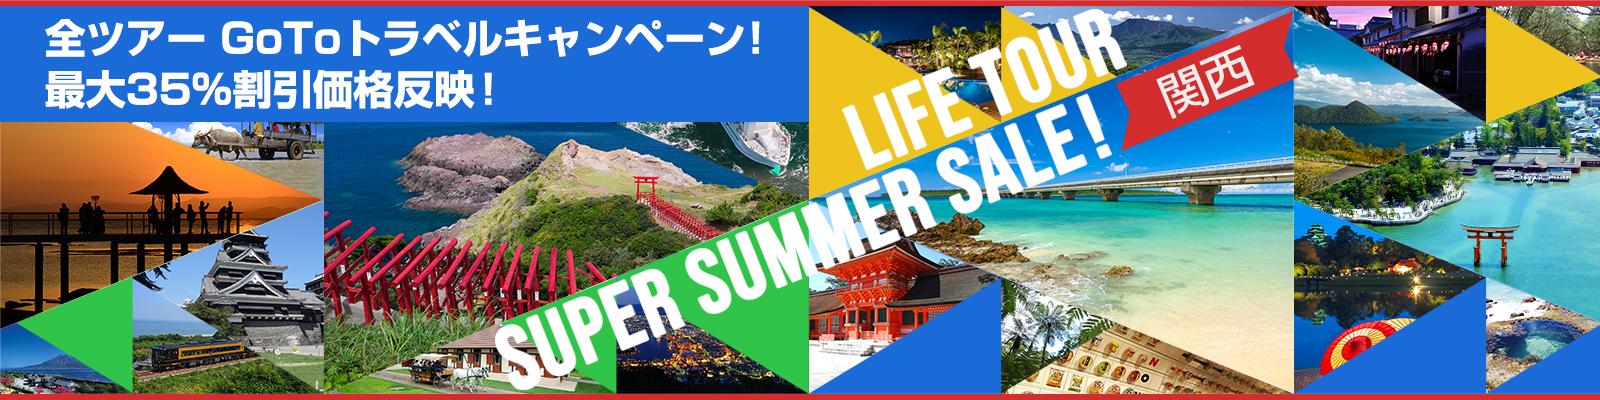 関西 スーパーサマーセール2020